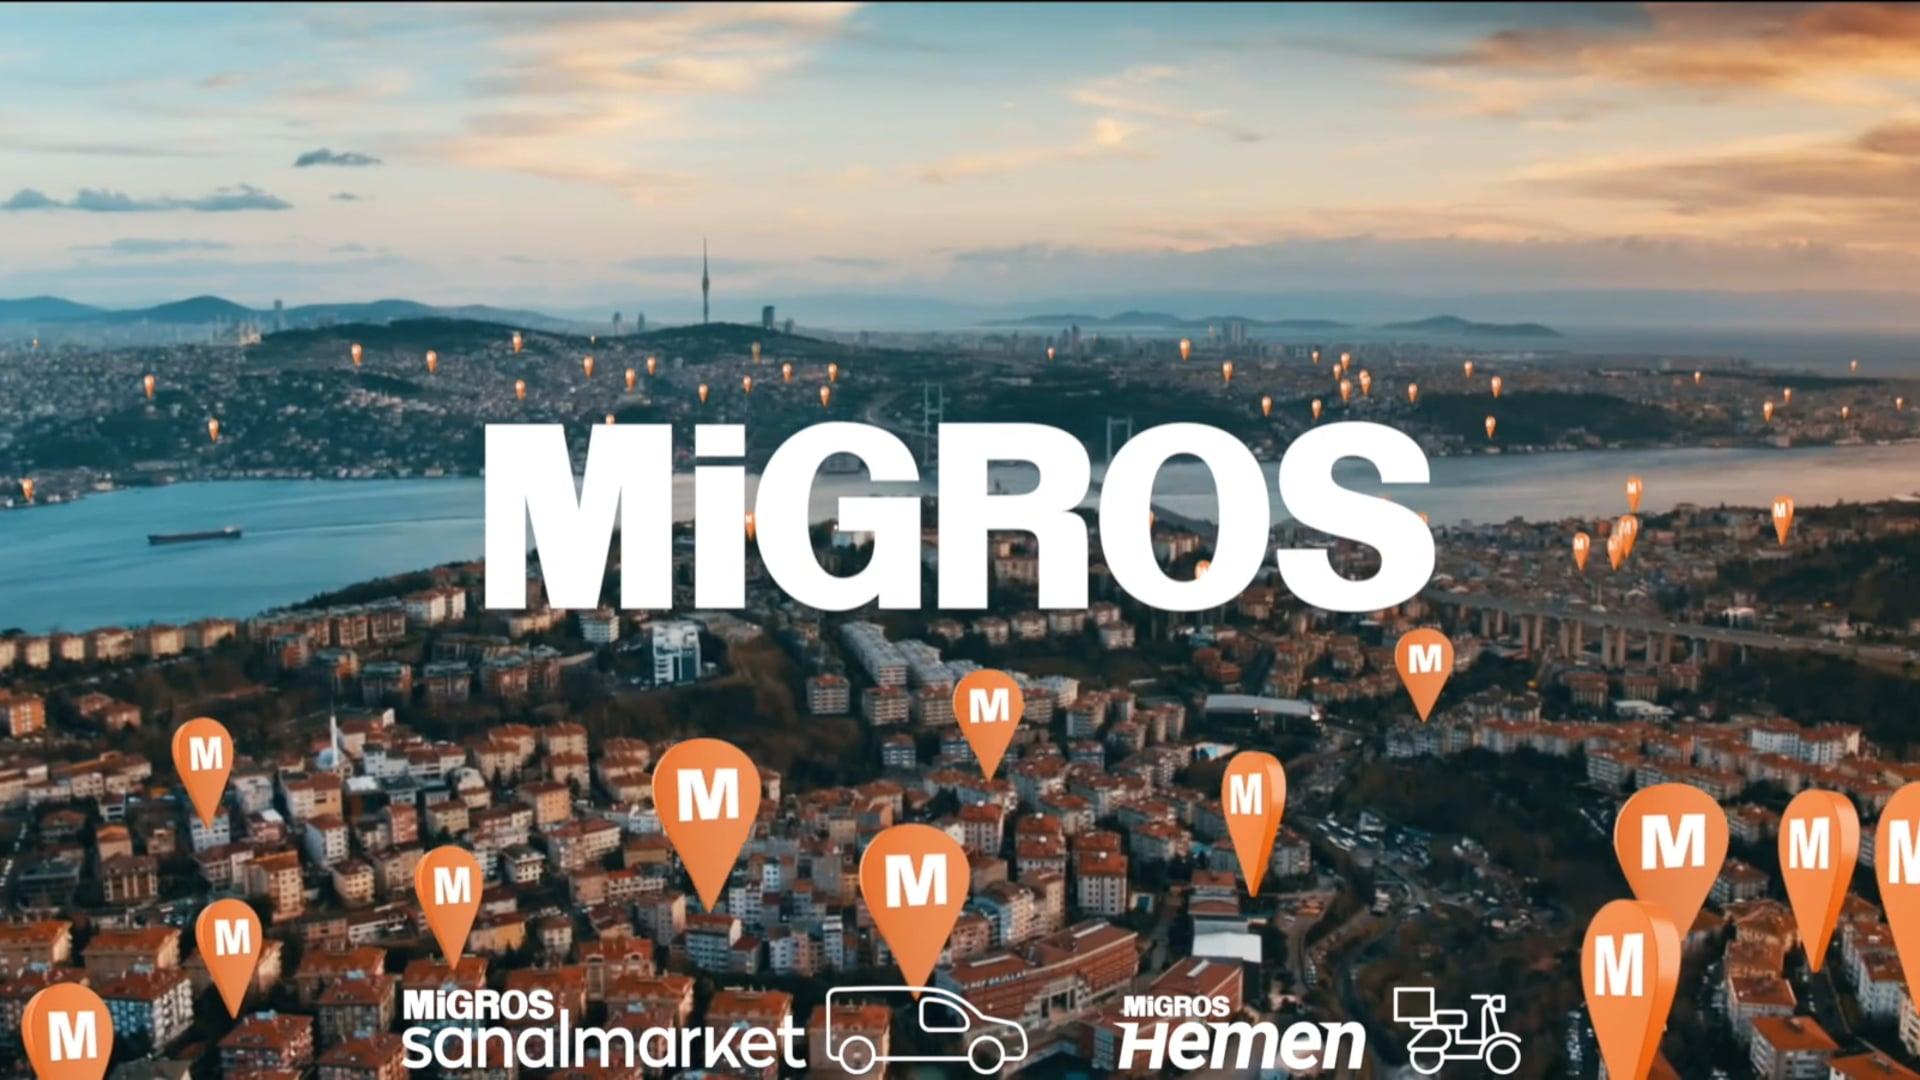 Migros - Her Yerde (DC)